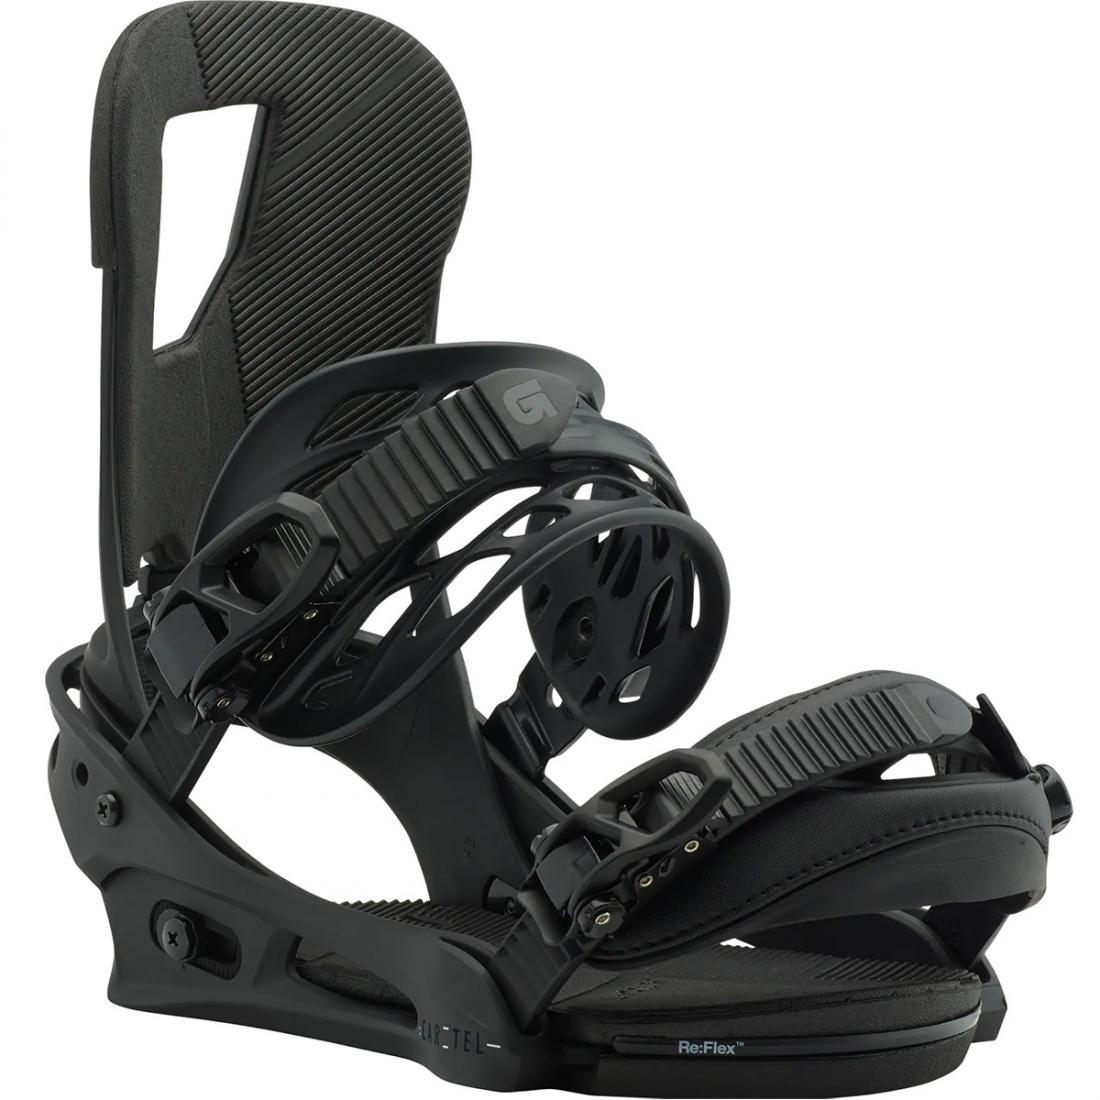 65063bda8f83 Крепления для сноуборда Burton Cartel купить в интернет-магазине ...